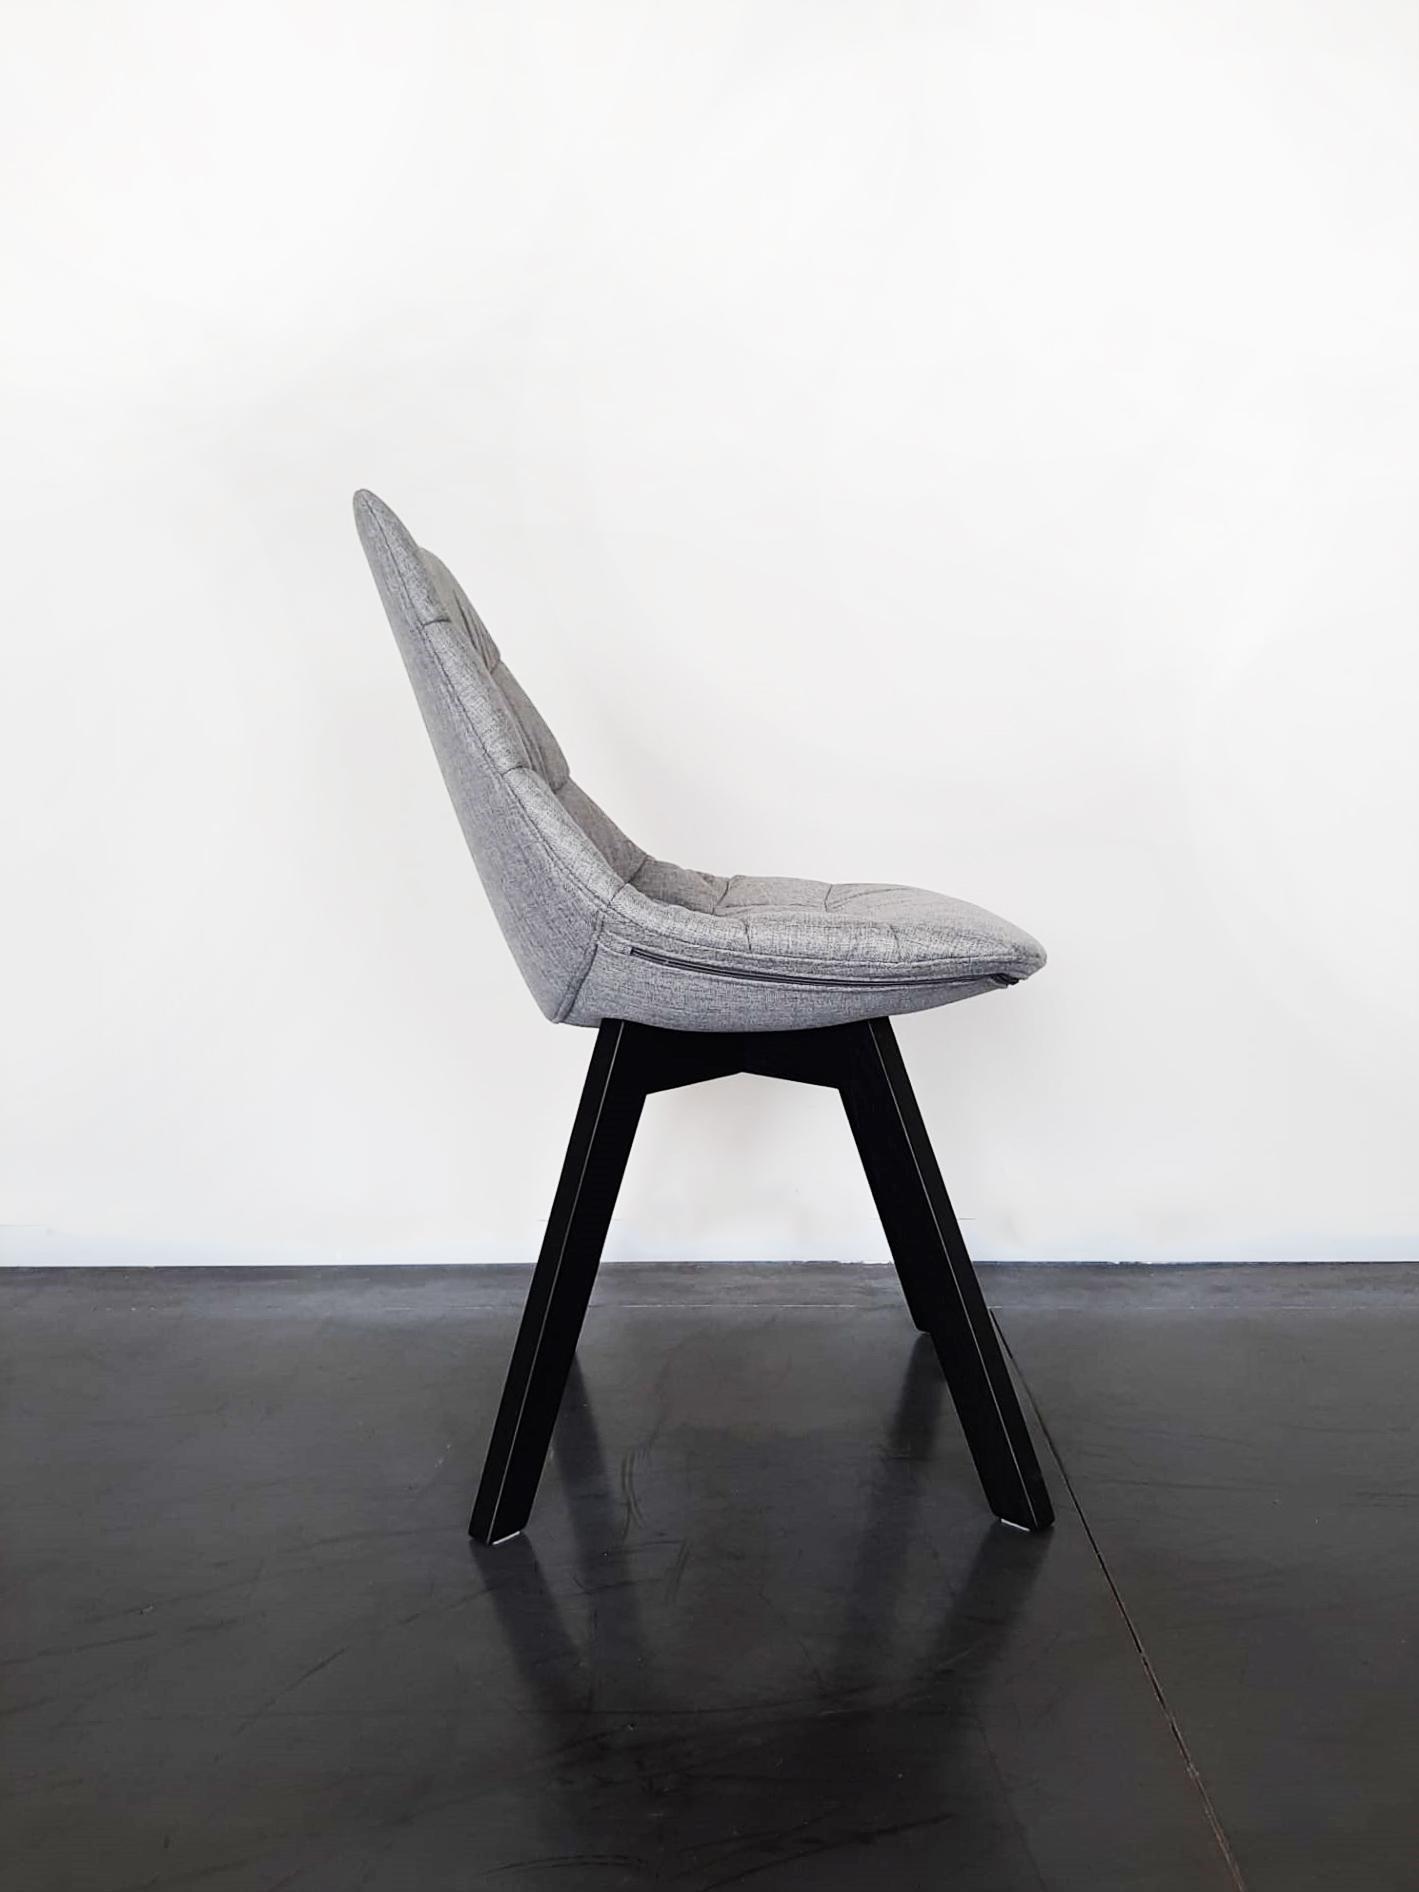 8 Zwarte Design Stoelen.Lissabon Stoelen Van Evolution Design Stoelen In Zowel Kunststof